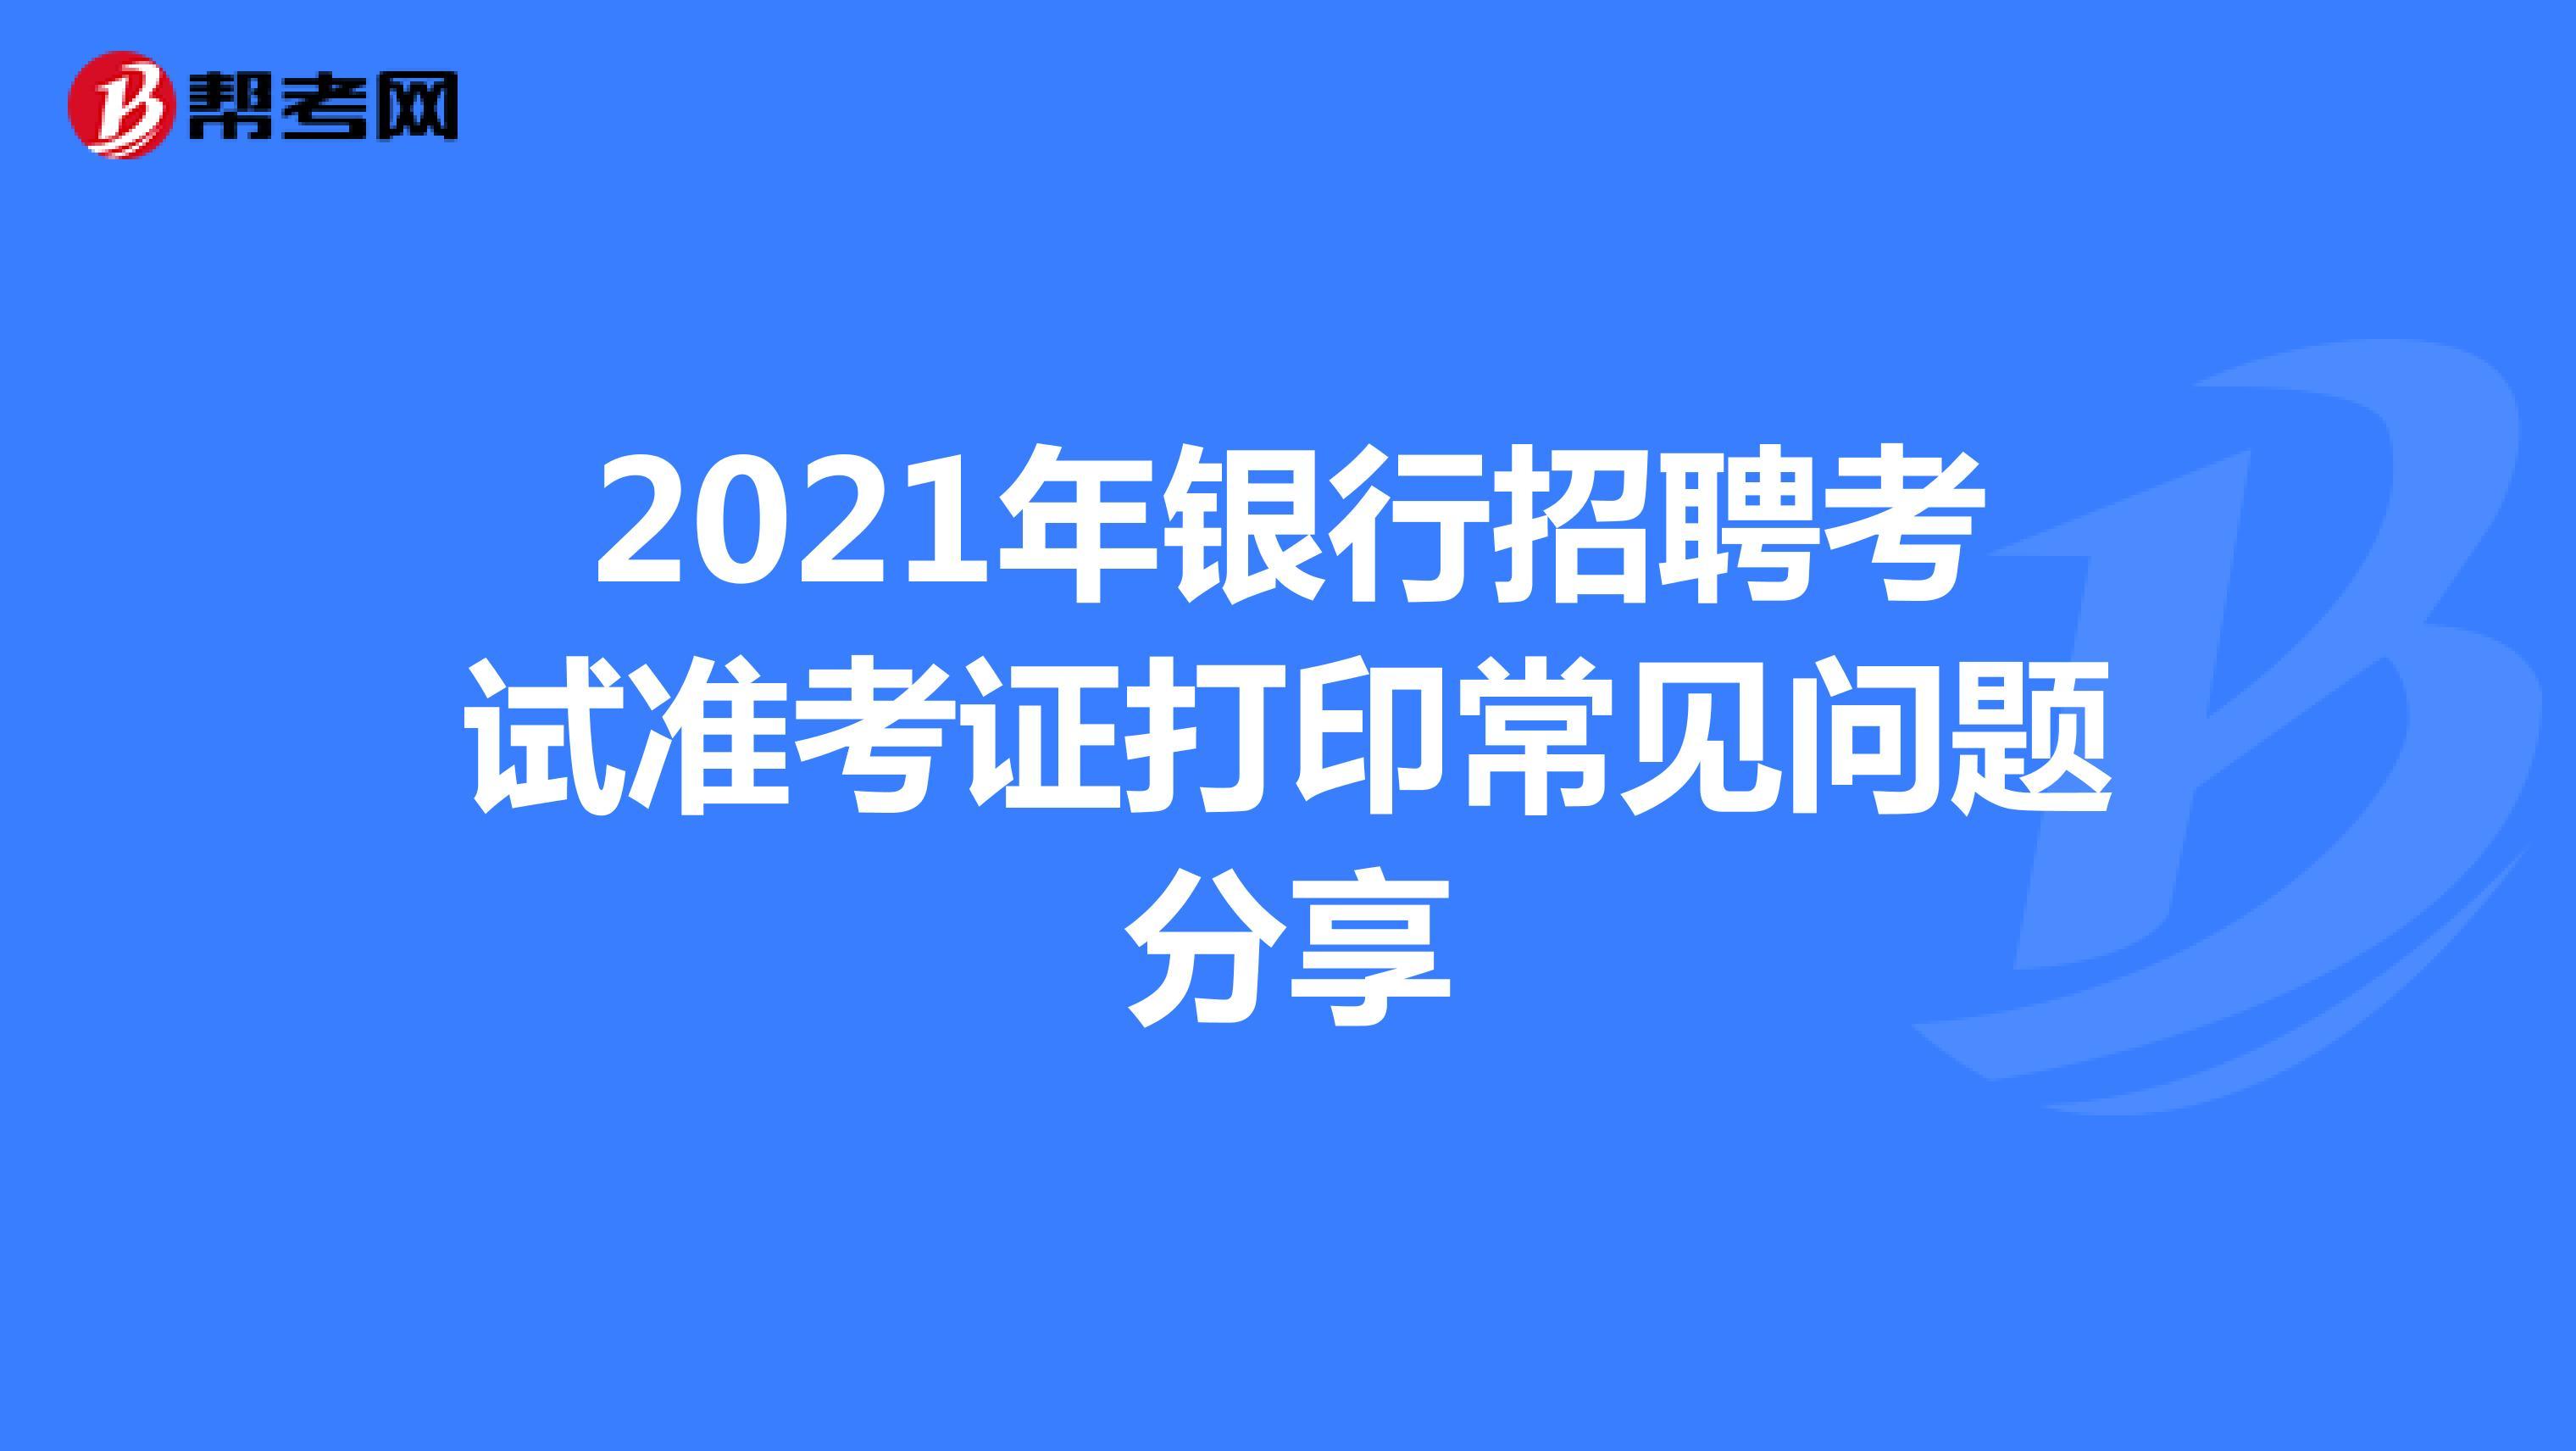 2021年银行招聘考试准考证打印常见问题分享